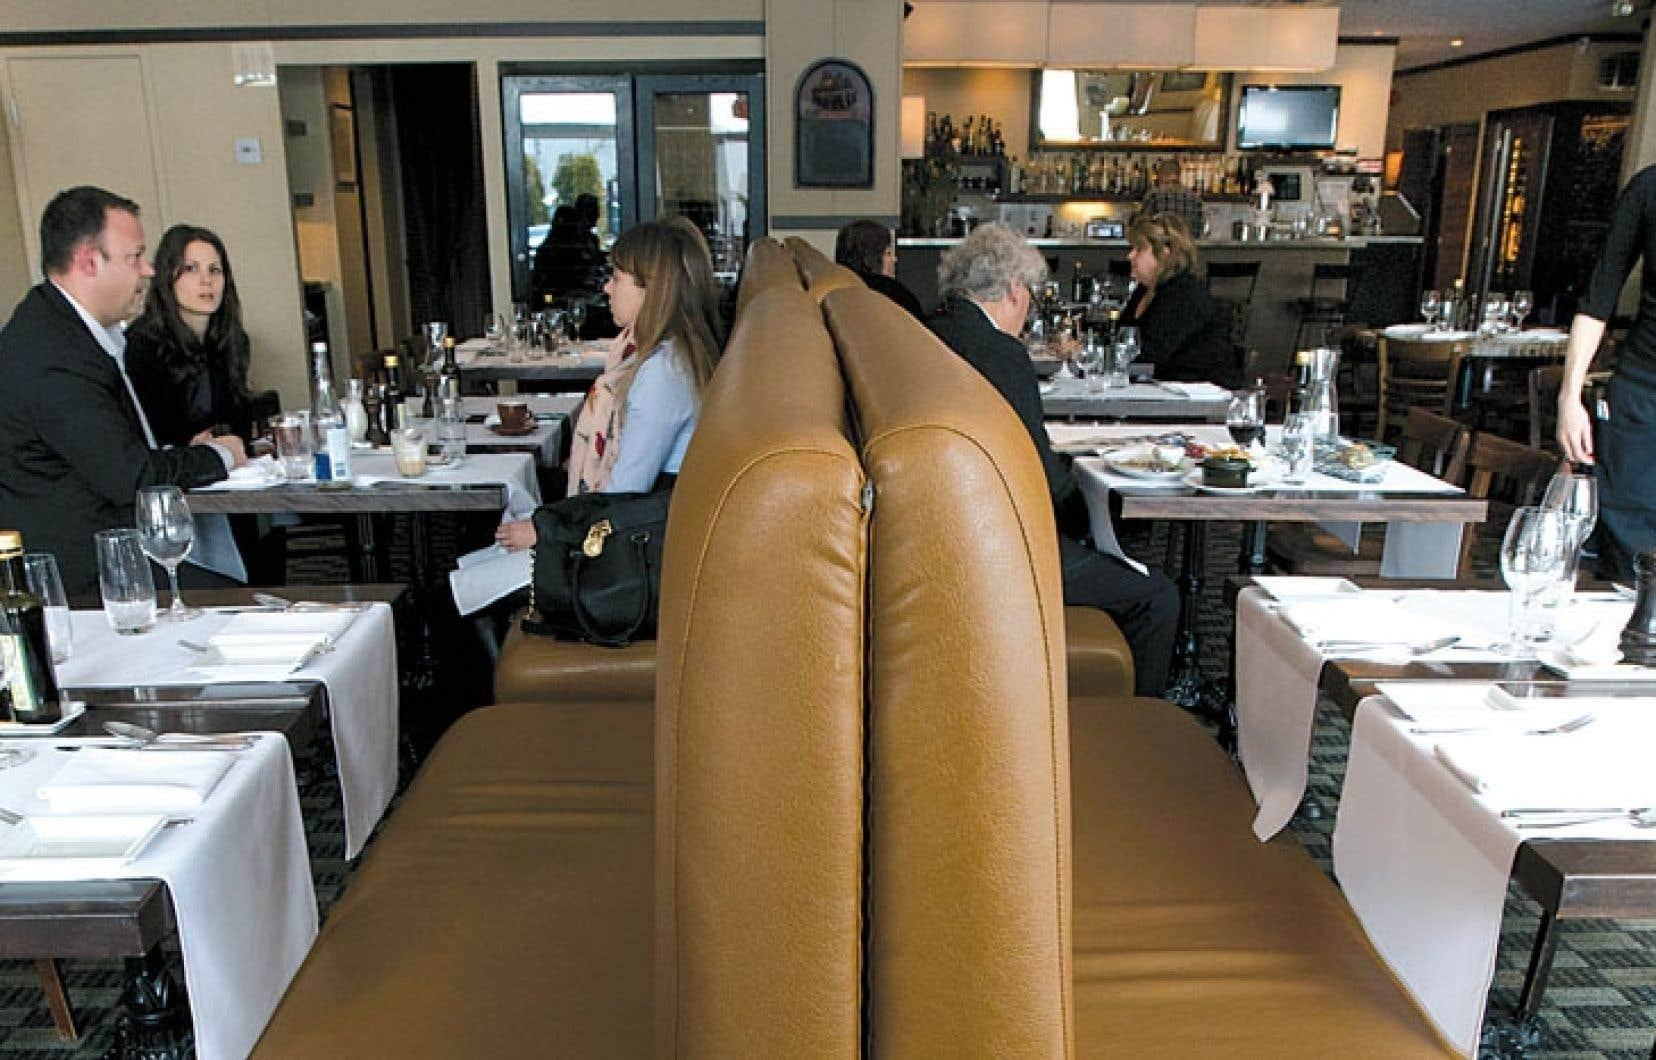 Au restaurant Le Tire Bouchon de Boucherville, on trouve un service charmant et une cuisine goûteuse qui utilise de bons produits.